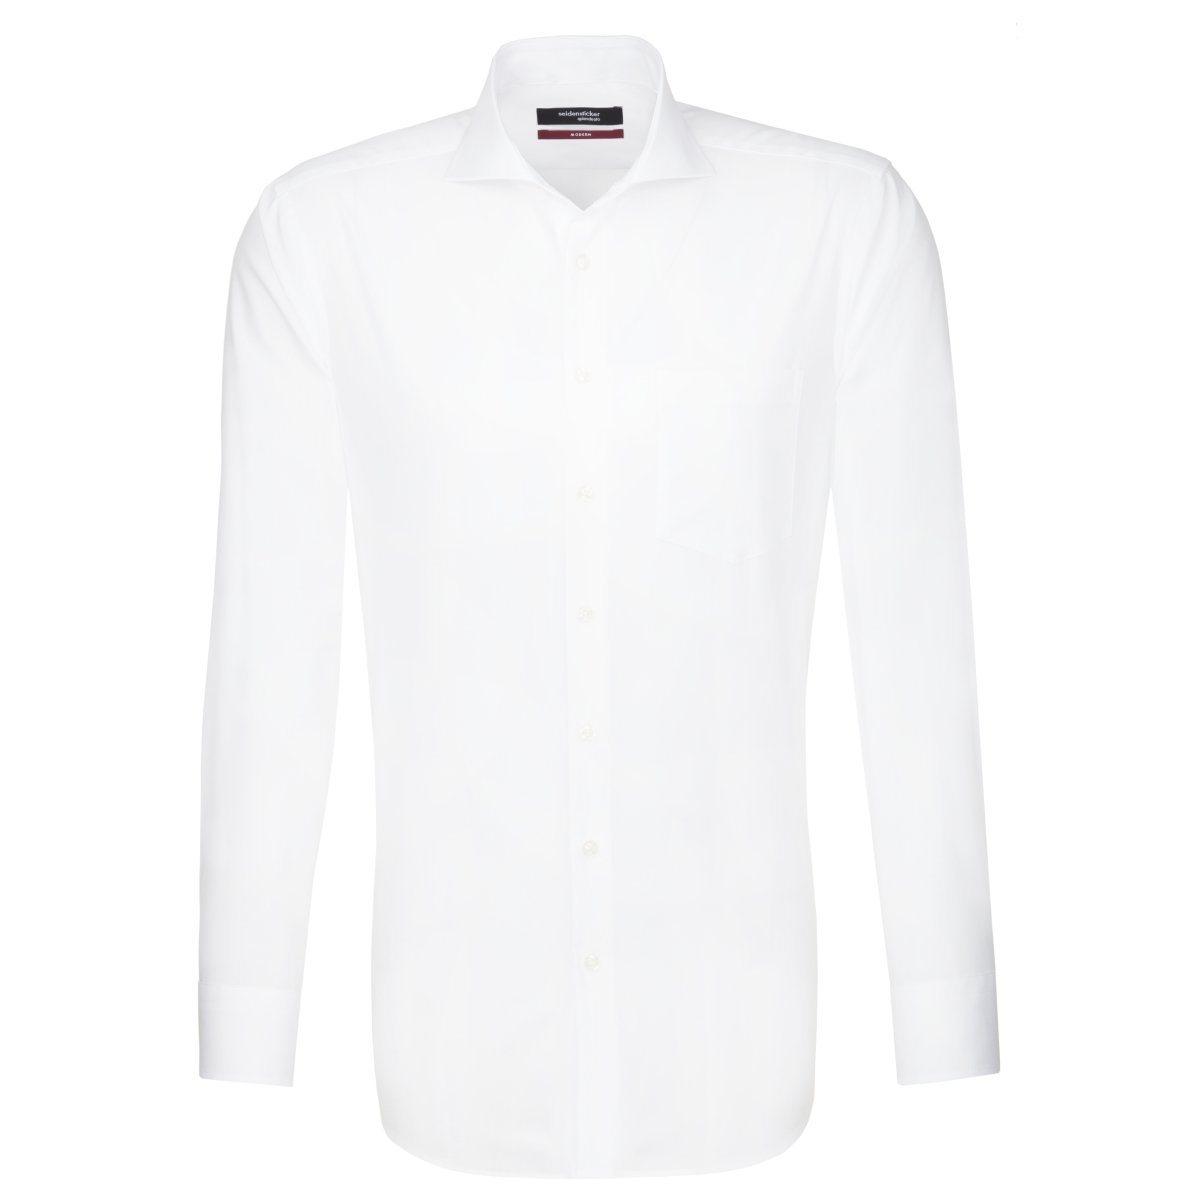 Herren seidensticker Businesshemd Modern, Hai-Kragen blau, orange, rot, weiß | 04021641521910